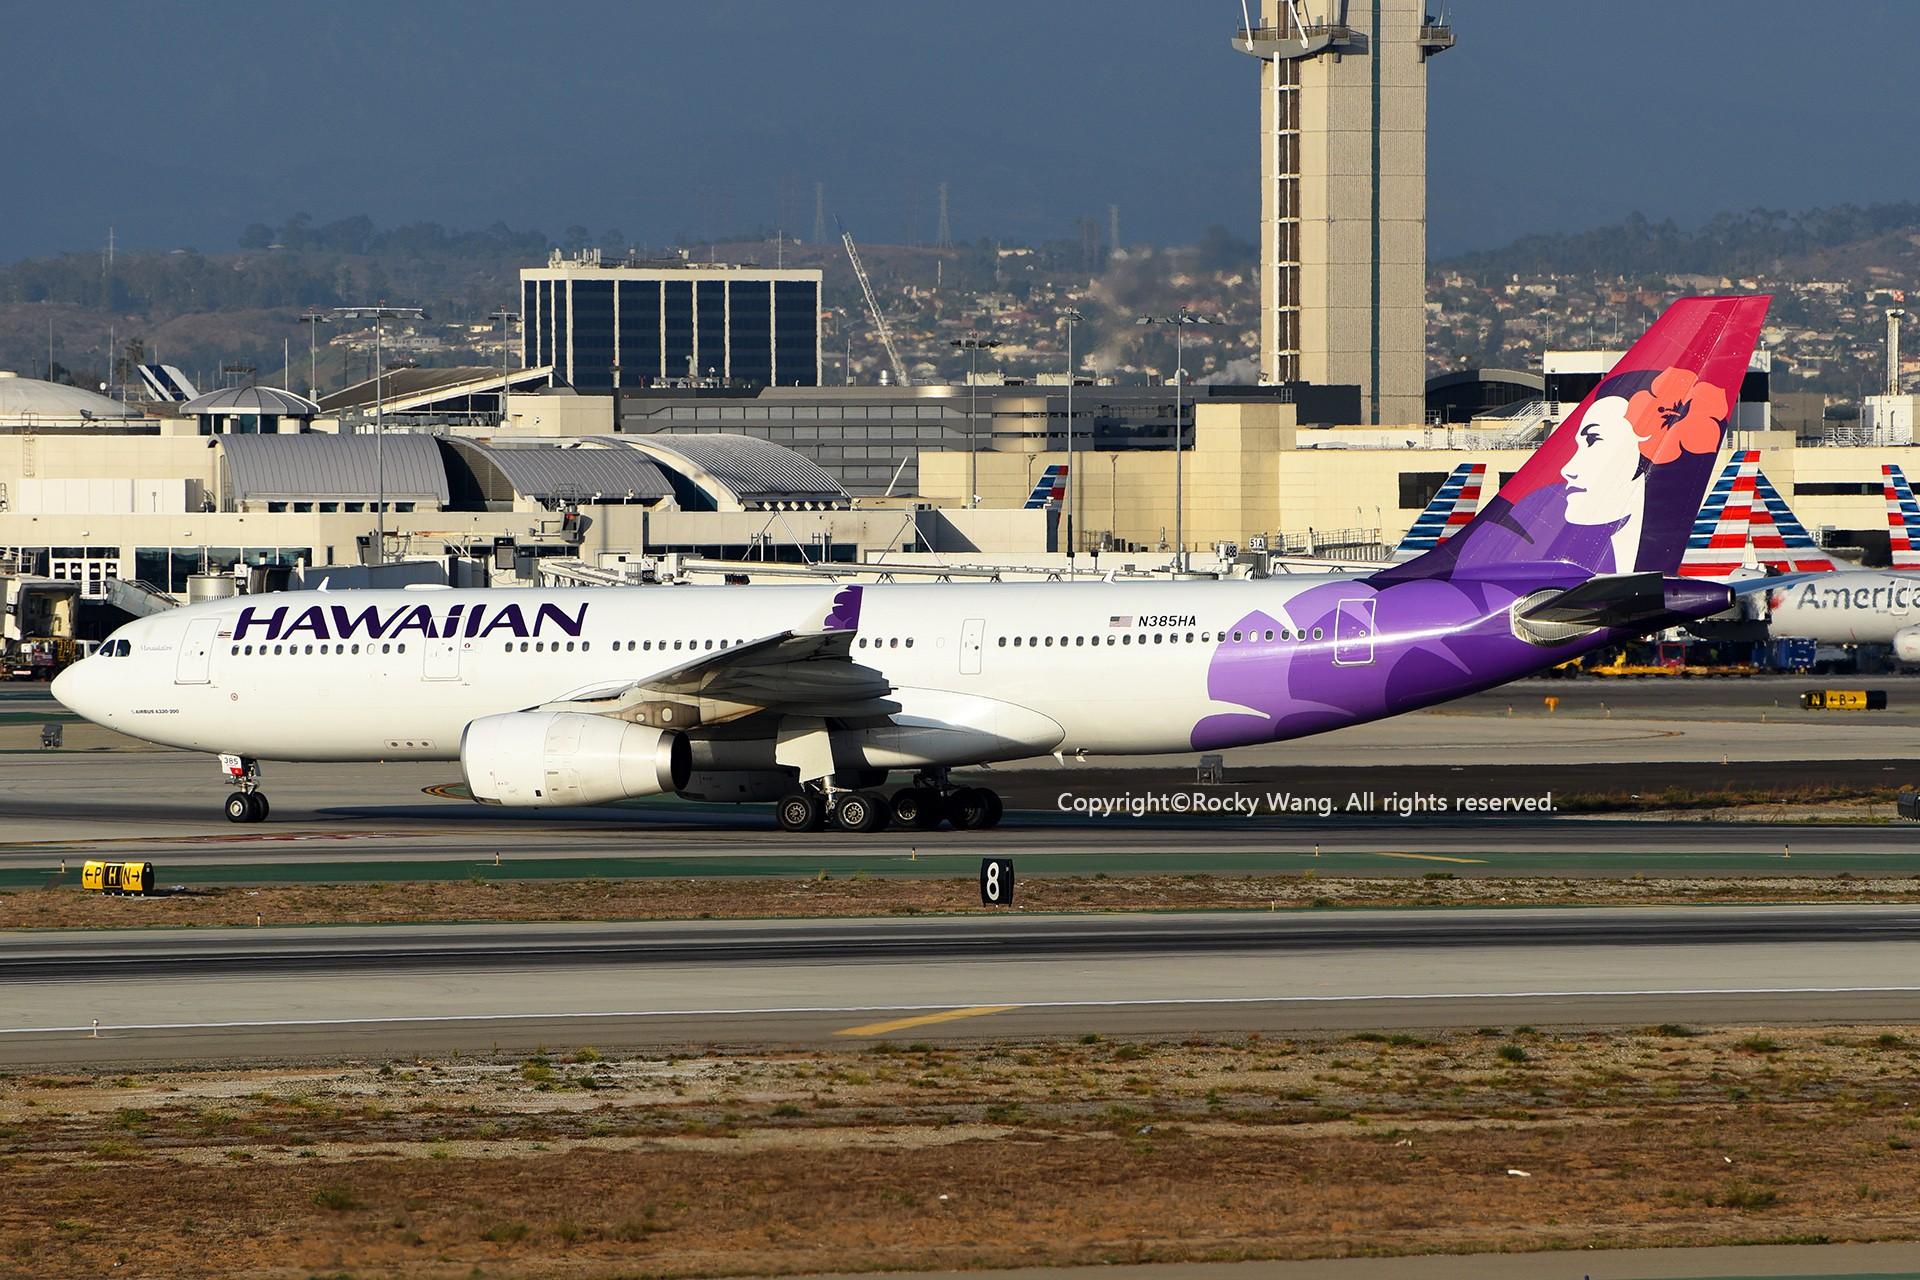 Re:[原创]KLAX 30图 AIRBUS A330-243 N385HA Los Angeles Int'l Airport